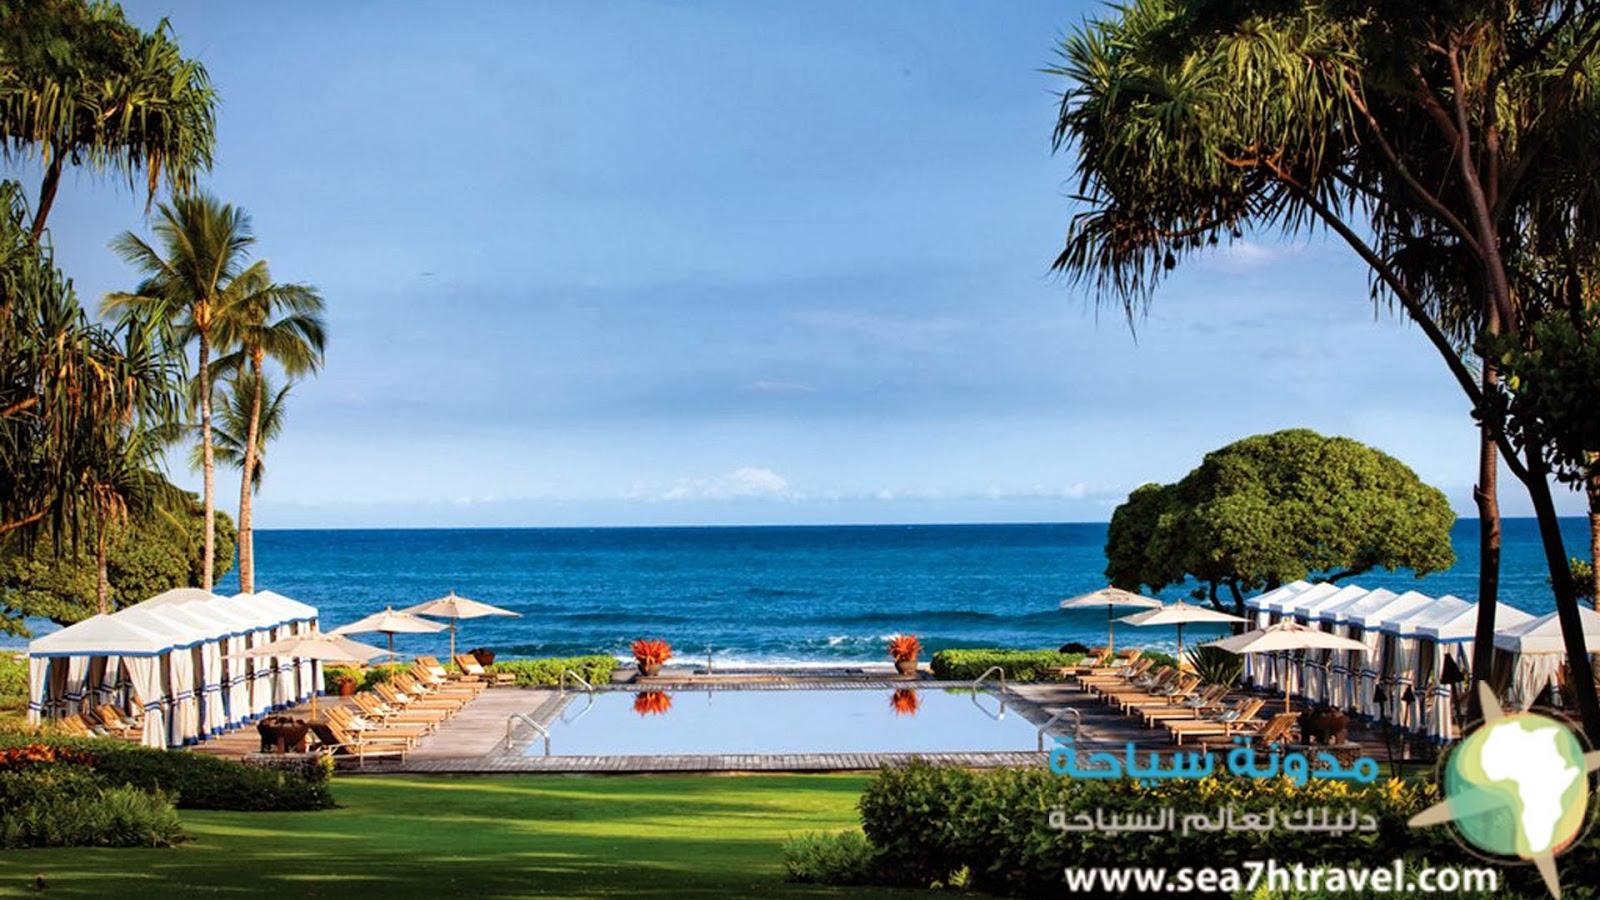 السياحة في جزيرة هاواي الكبرى | مدونة سياحة